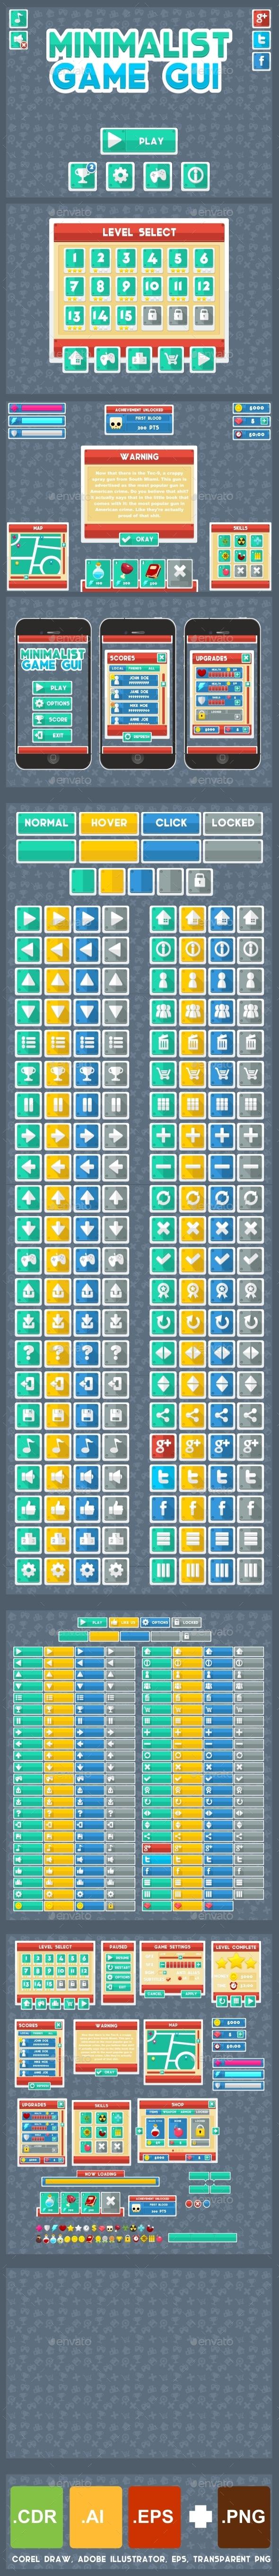 GraphicRiver Minimalist Game GUI 11257005